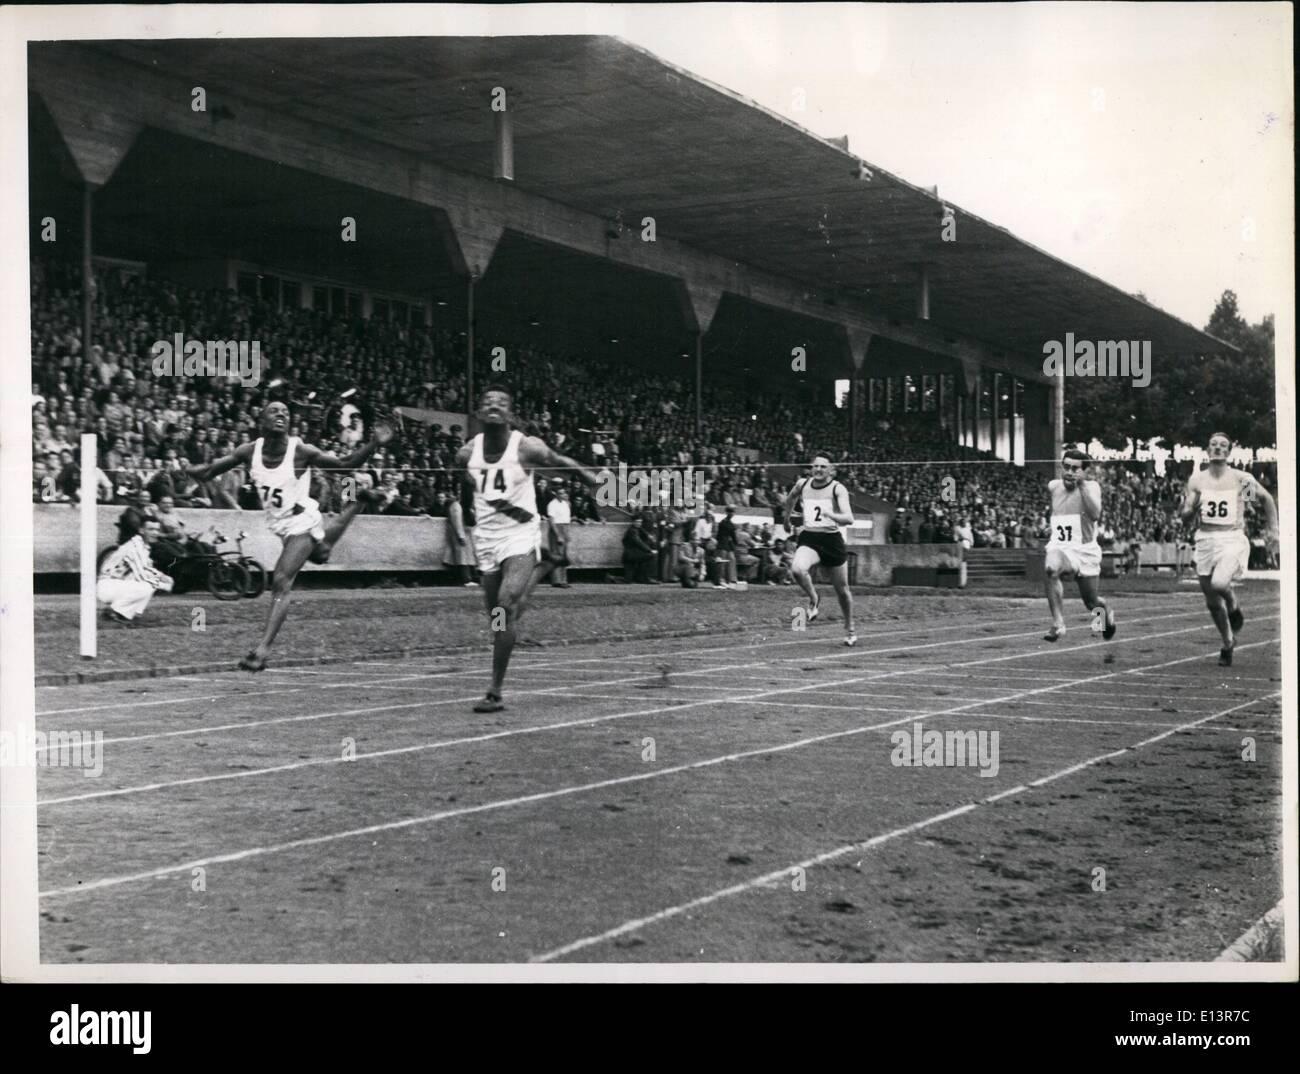 27 mar 2012 - Atletica da tre nazioni di Norimberga. Lo stadio di Norimberga è stata teatro di gare di atletica di tre nazioni tra squadre di americani, inglesi e delle forze francesi. Questa riunione per la prima volta nel 1950 a Stoccarda è stata ripetuta oggi. Gli americani sono stati vittorioso con la maggior parte delle gare. Keystone Monaco di Baviera immagine esclusiva 100 metri: Ralph Butler, STATI UNITI D'AMERICA CENTRALE (via) 10.3 sec Abramo Butler, STATI UNITI D'AMERICA (sinistra) 10,4 sec Edwardson, Inghilterra (destra) 10,6 sec Immagini Stock